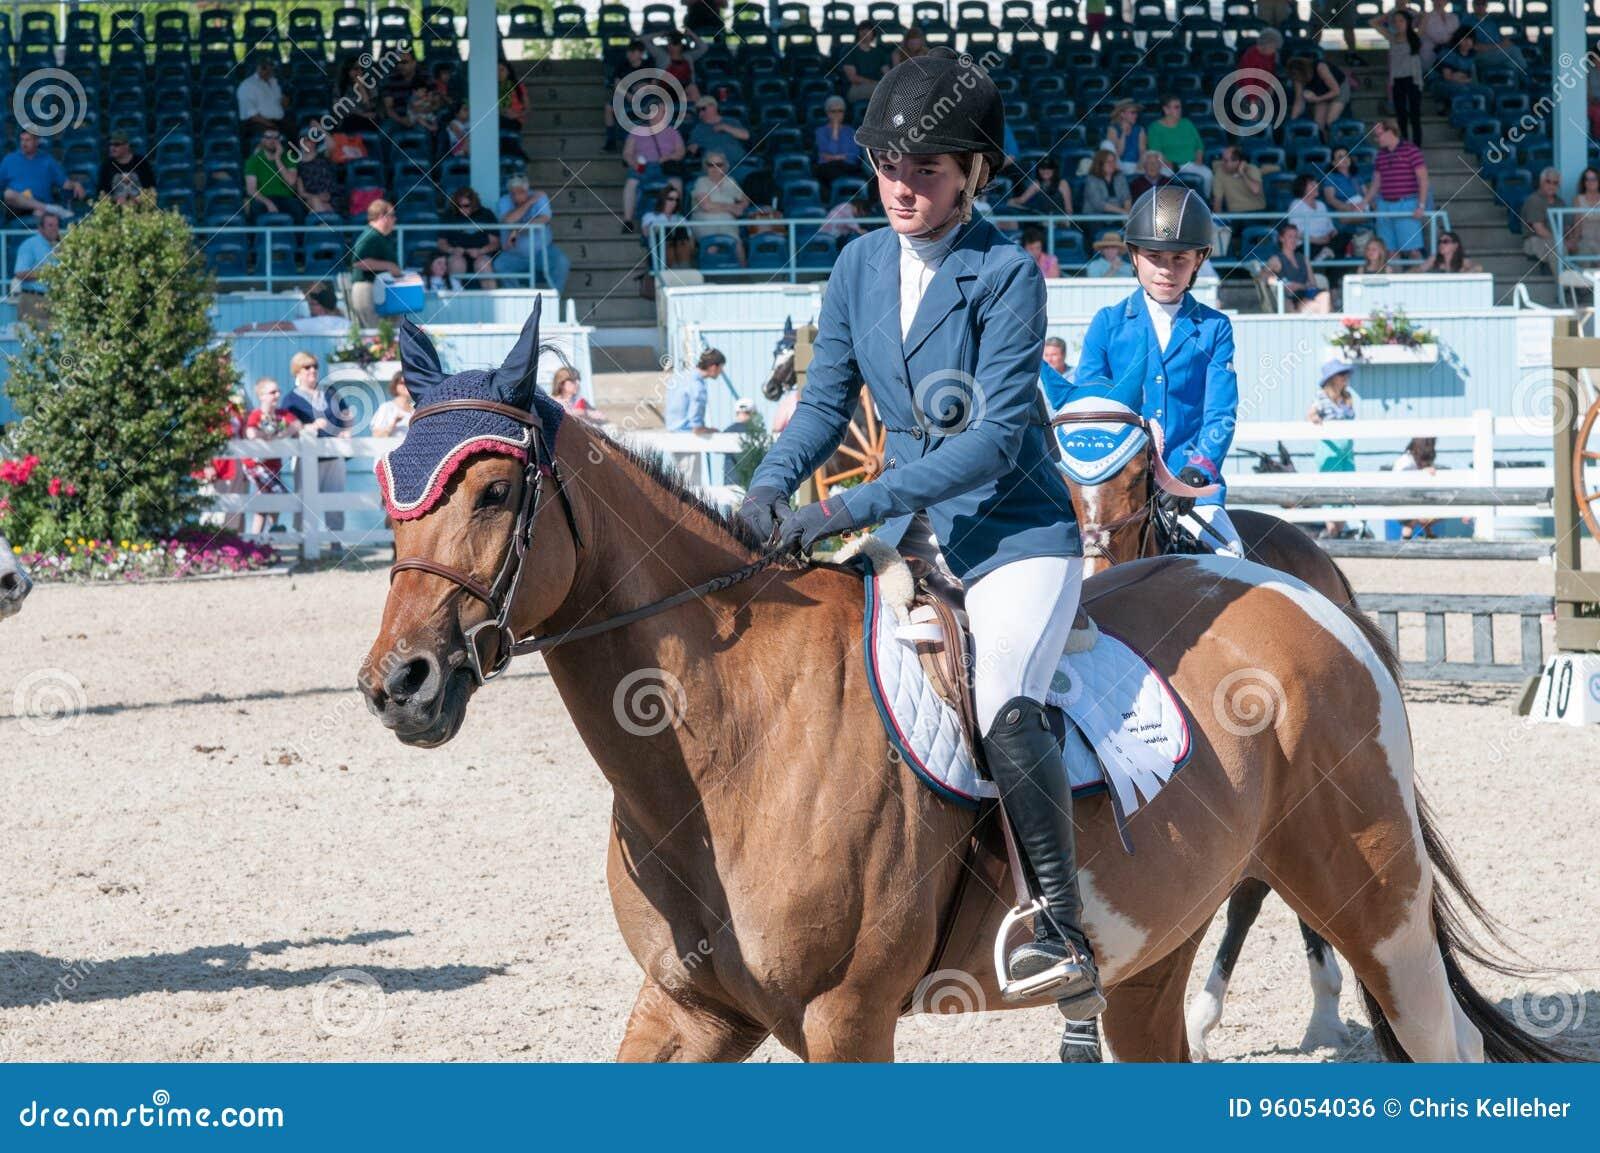 DEVON, PA - 25 MAI : Cavaliers exécutant avec leurs chevaux chez Devon Horse Show le 25 mai 2014